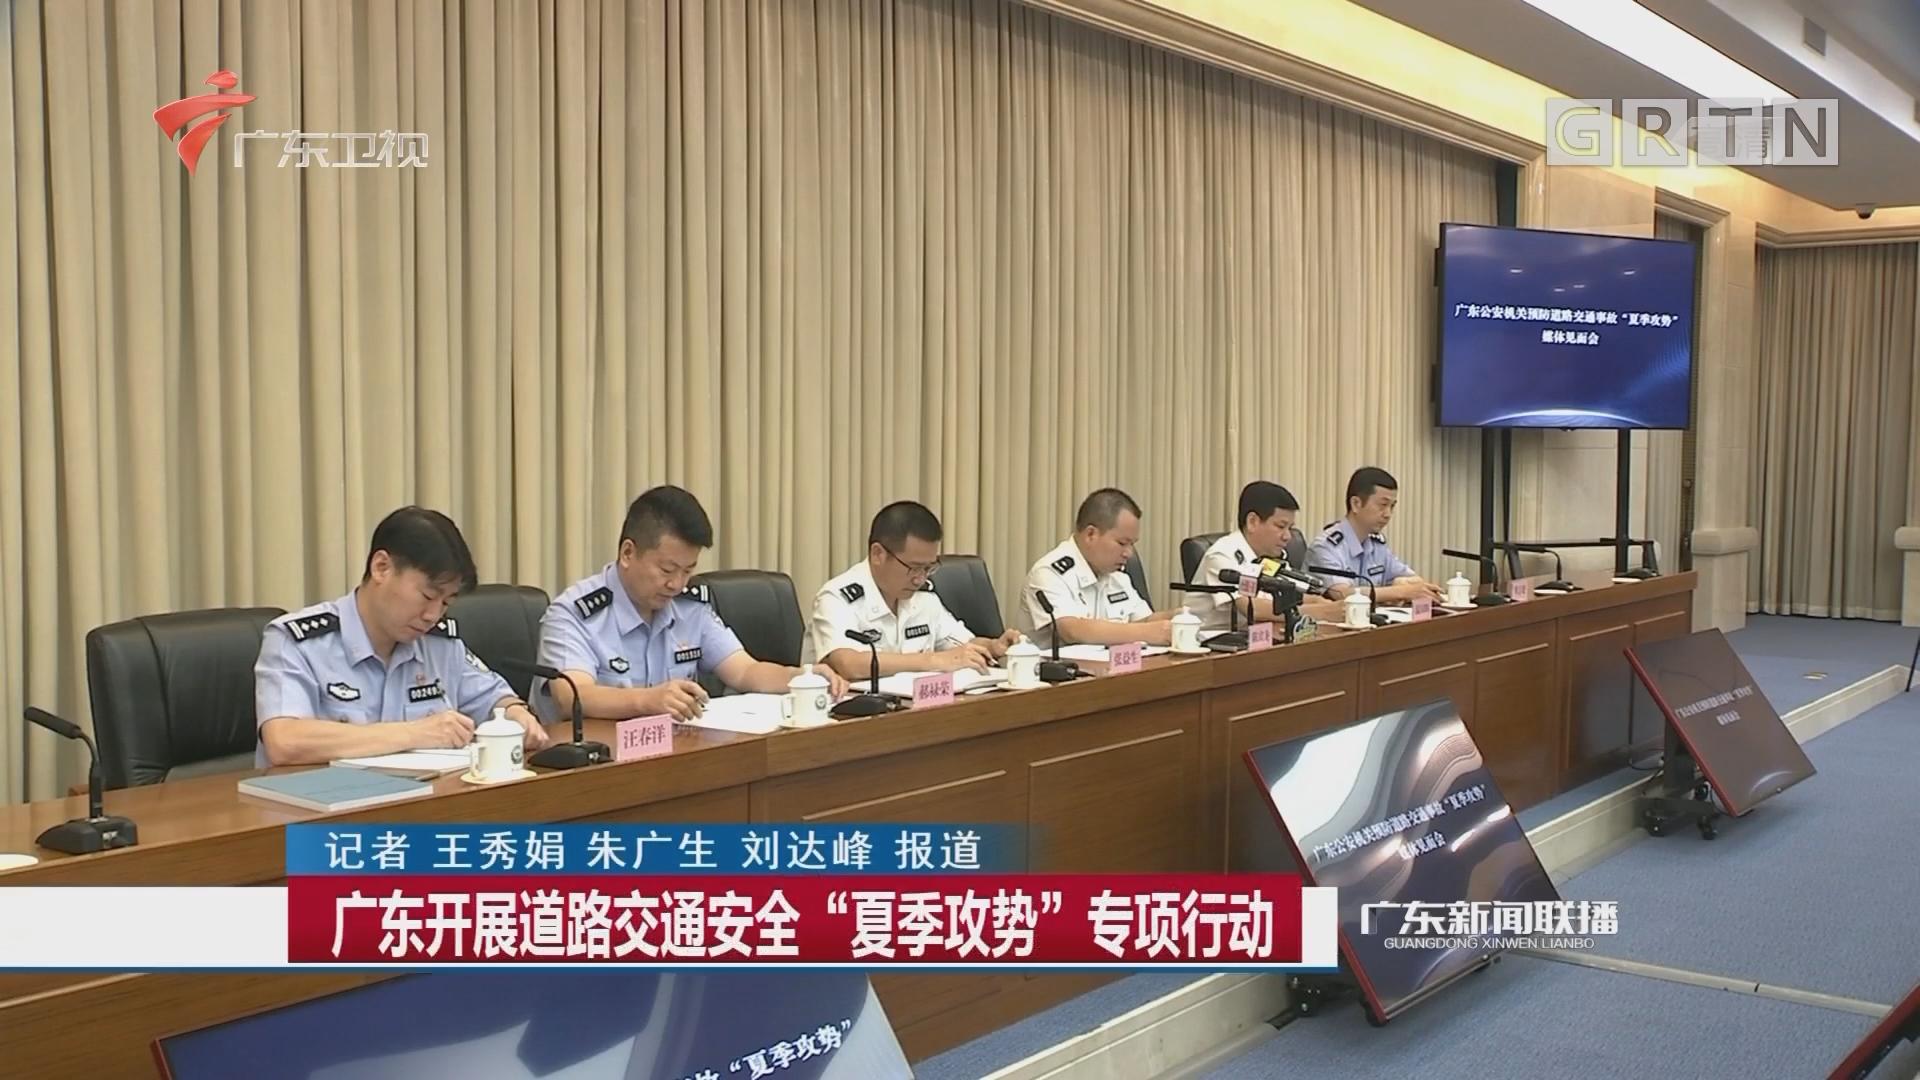 """广东开展道路交通安全""""夏季攻势""""专项行动"""